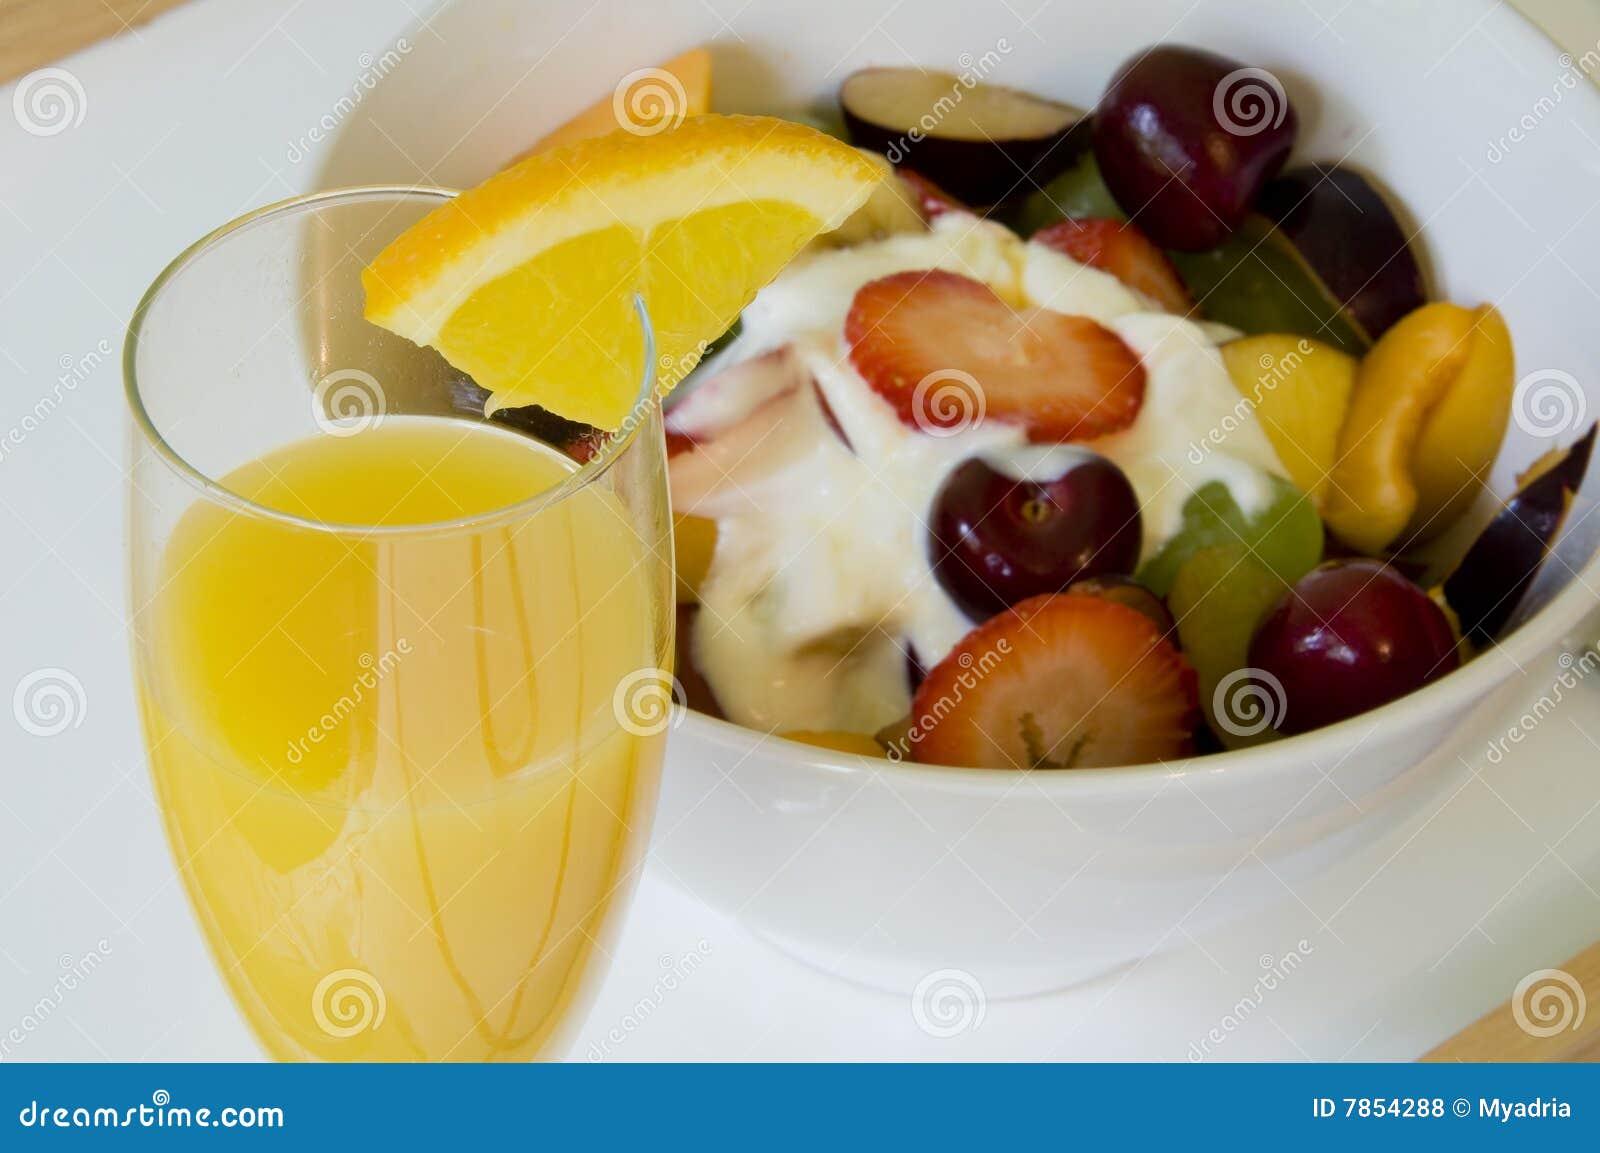 Desayuno rom ntico en cama fotos de archivo libres de - Preparar desayuno romantico ...